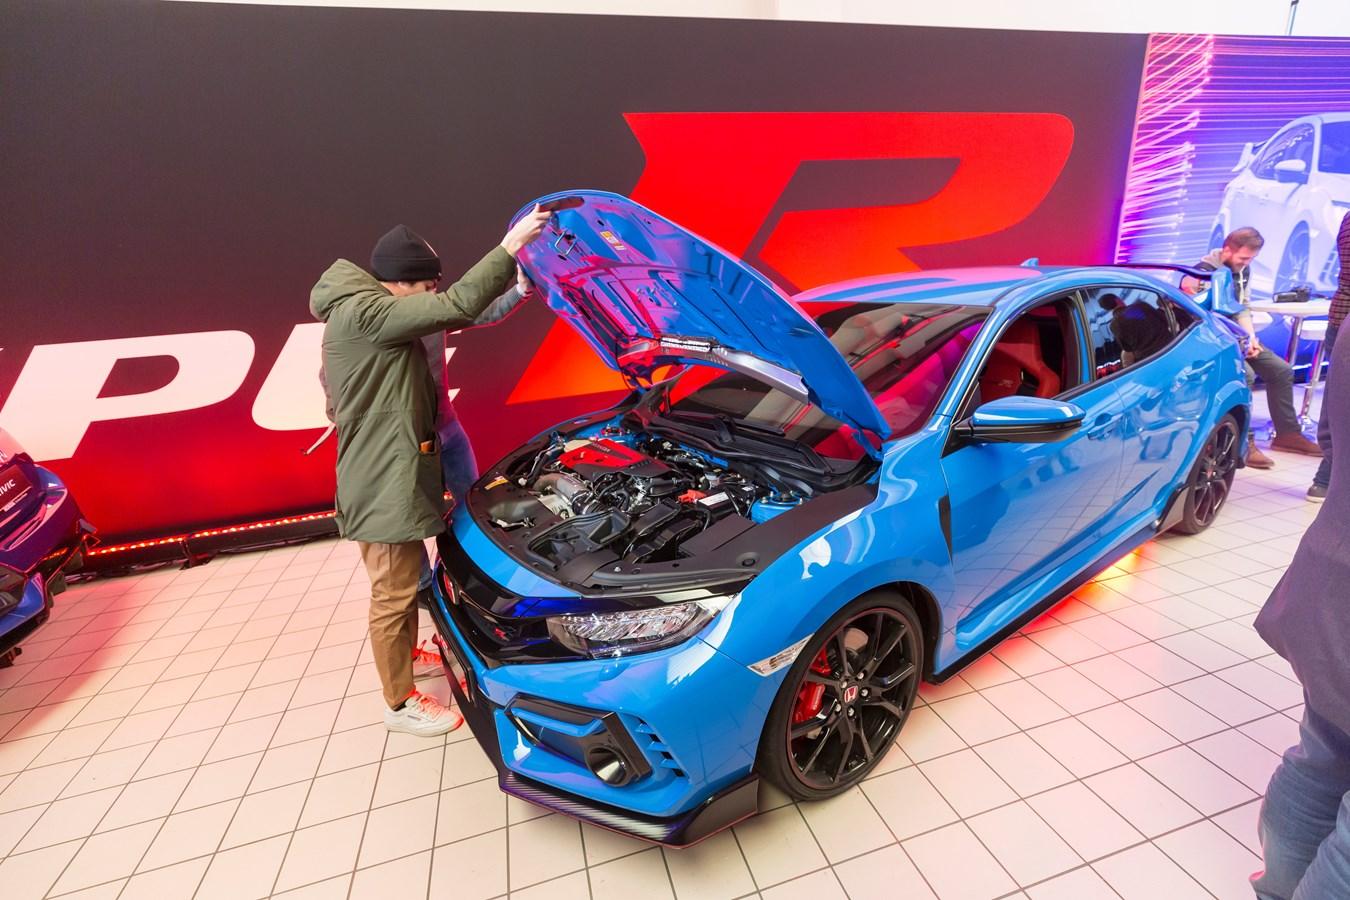 201356 Civic Type R JAS Motorsports 2020